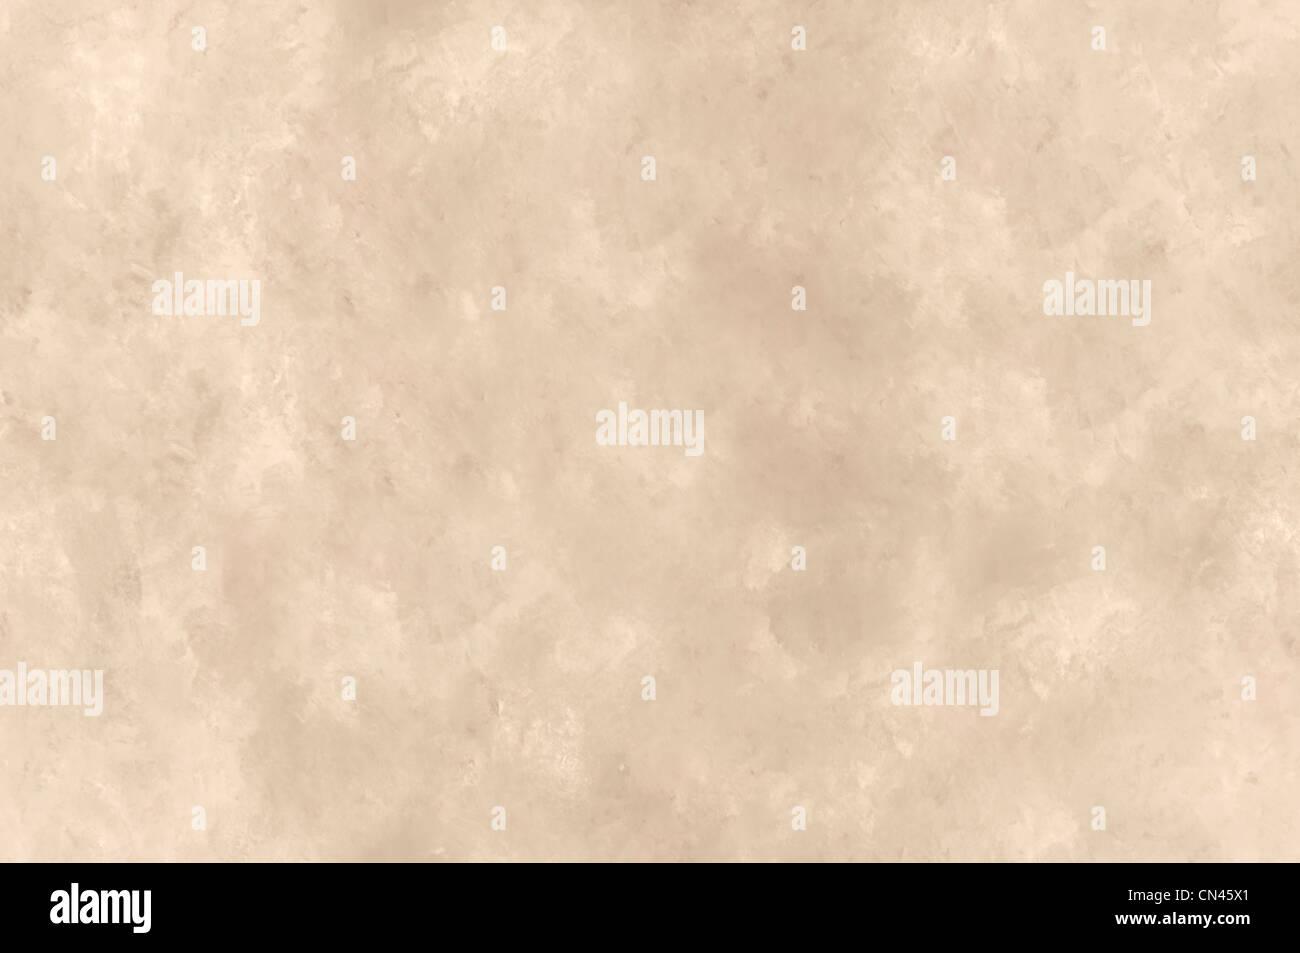 Hintergrund im Grunge fleckige Arbeitsfläche nahtlos aneinander Stockbild